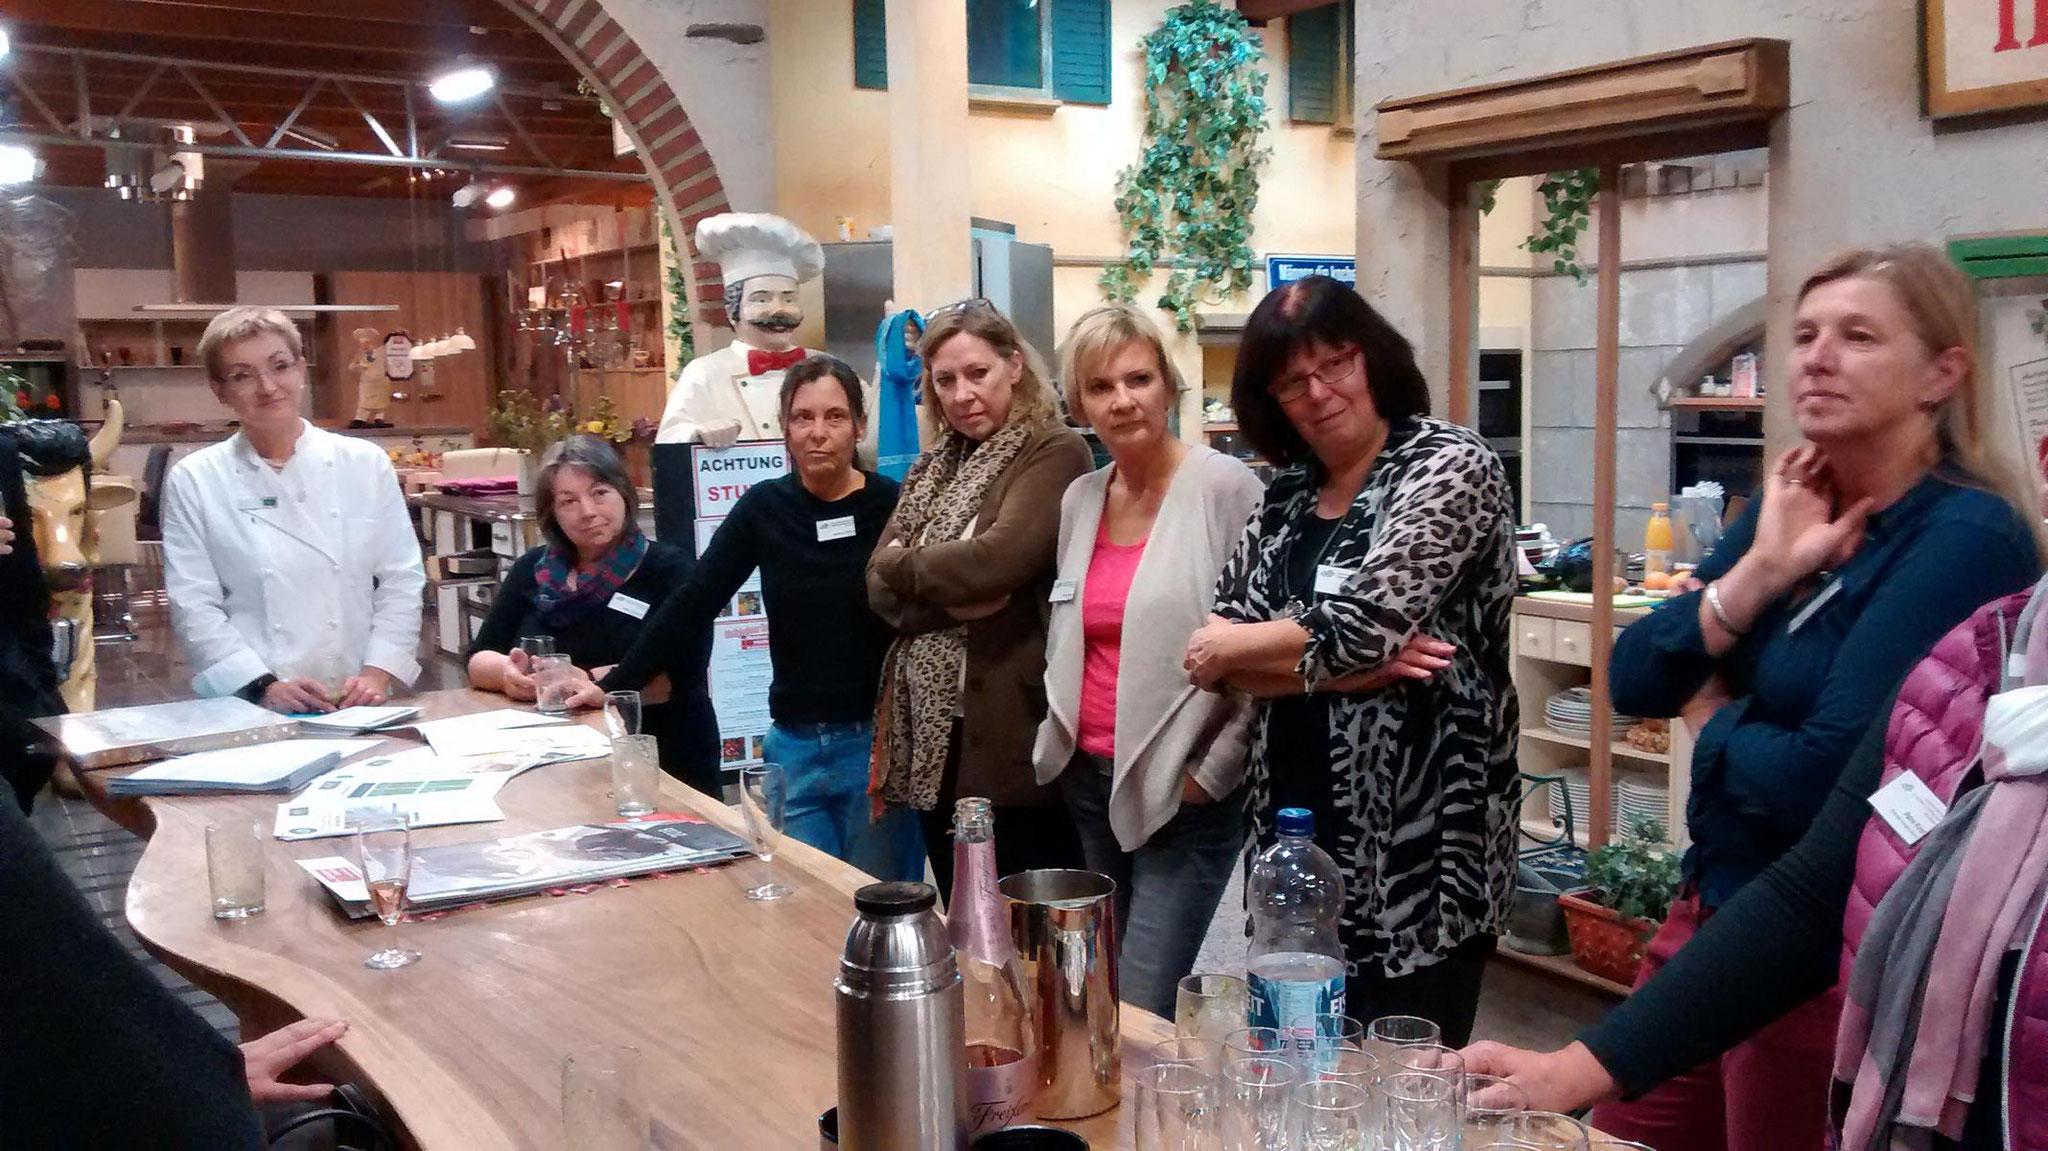 11-17 Basisch Kochen - Staunen - Begeisterung